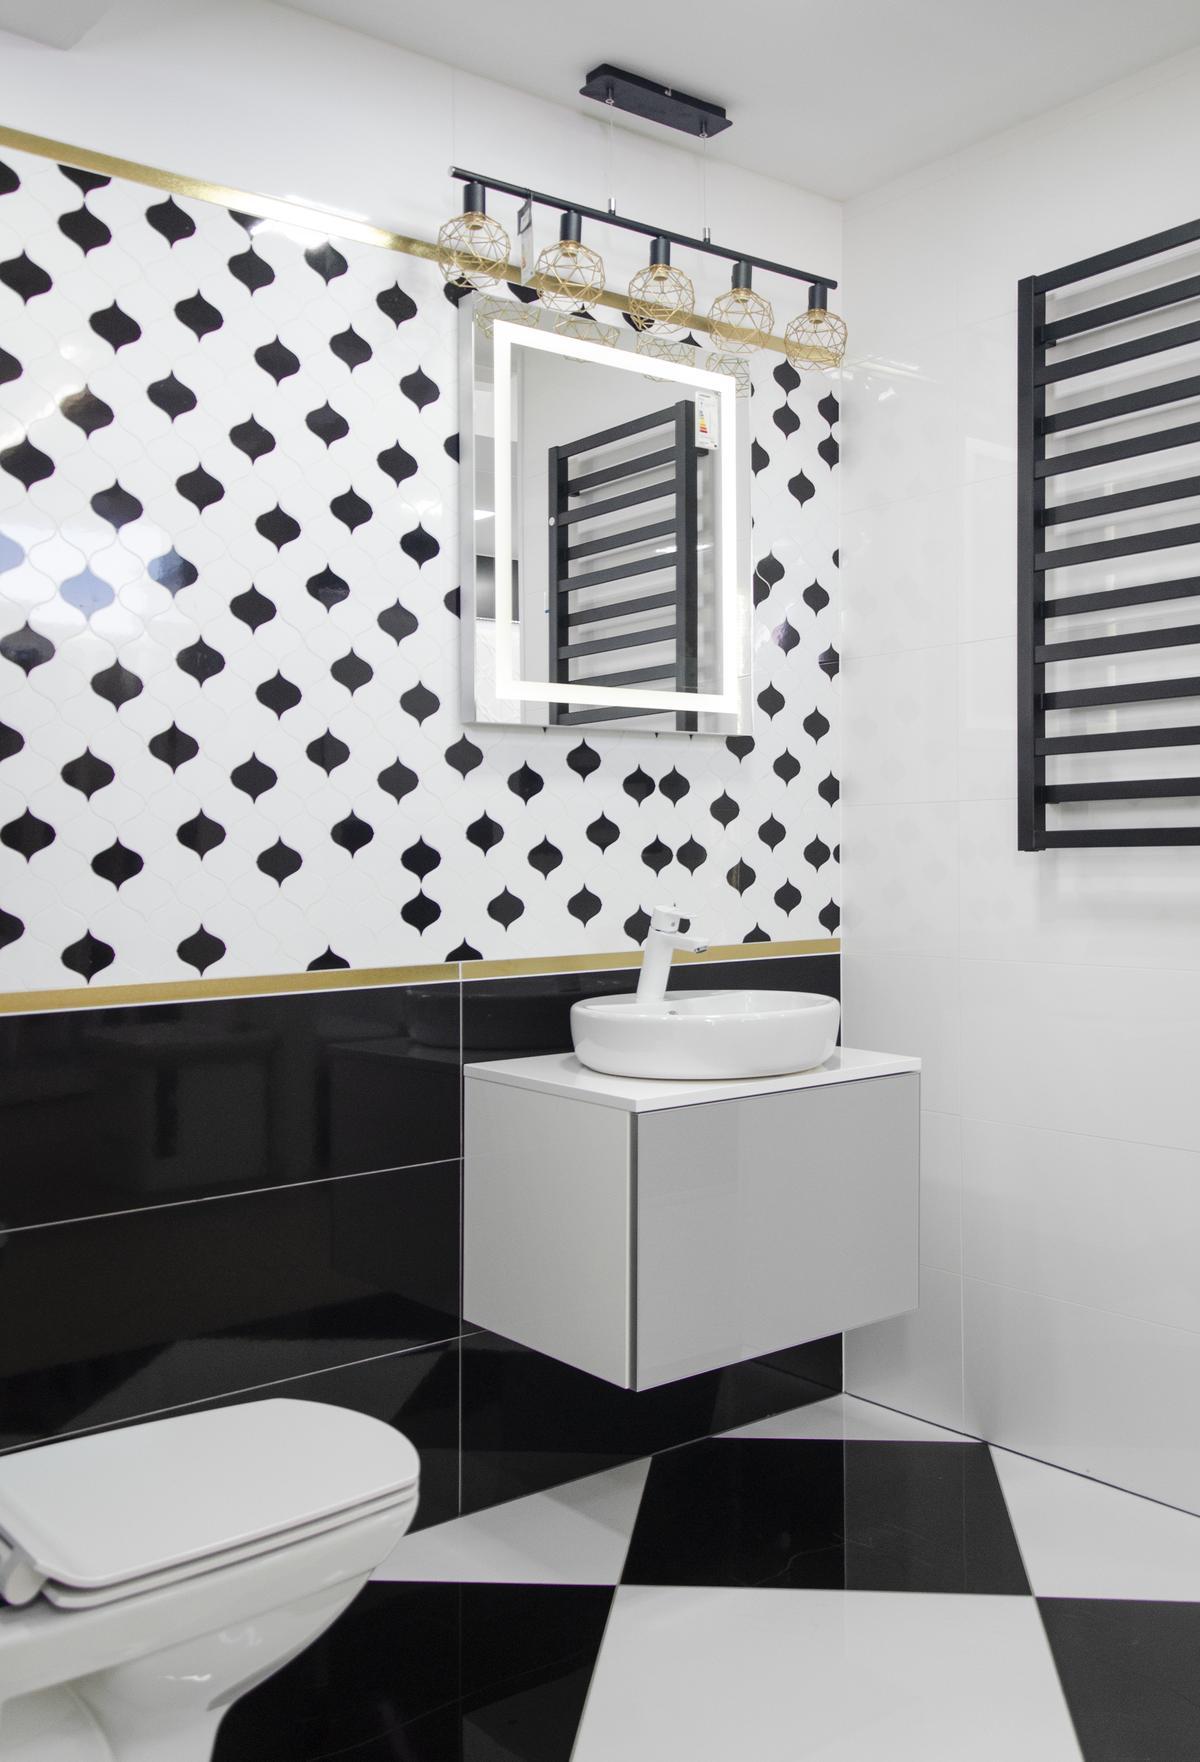 Aranżacja łazienki w stylu glamour z biało-czarnymi płytkami - zdjęcie od BLU salon łazienek Pułtusk